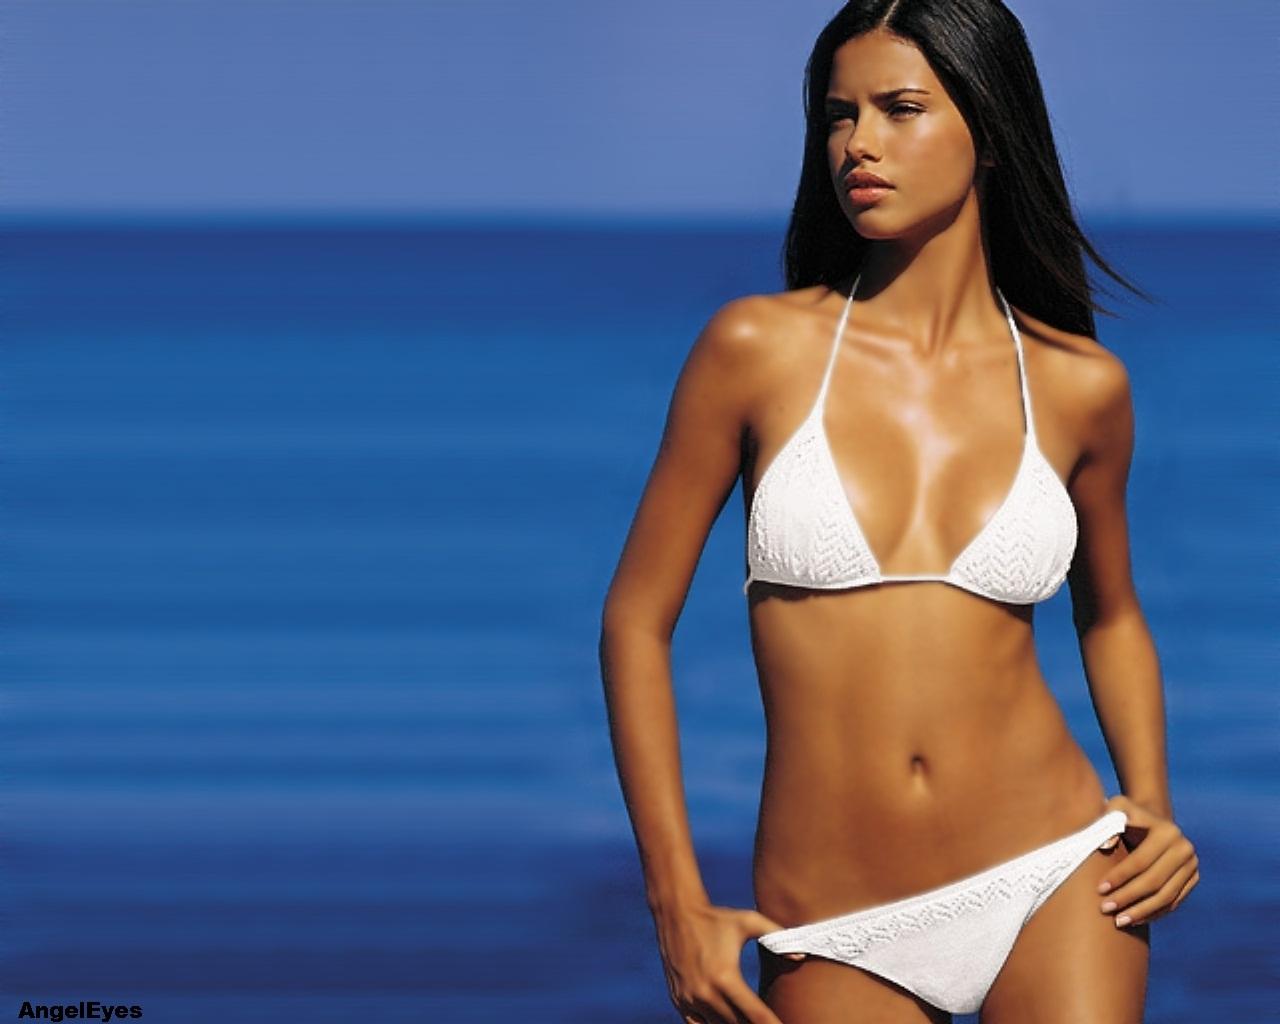 http://2.bp.blogspot.com/-Ql_f1J1wLCc/T0AFKOzH4yI/AAAAAAAADXk/RyB4sHTO6wM/s1600/Adriana+Lima+sexy.jpg